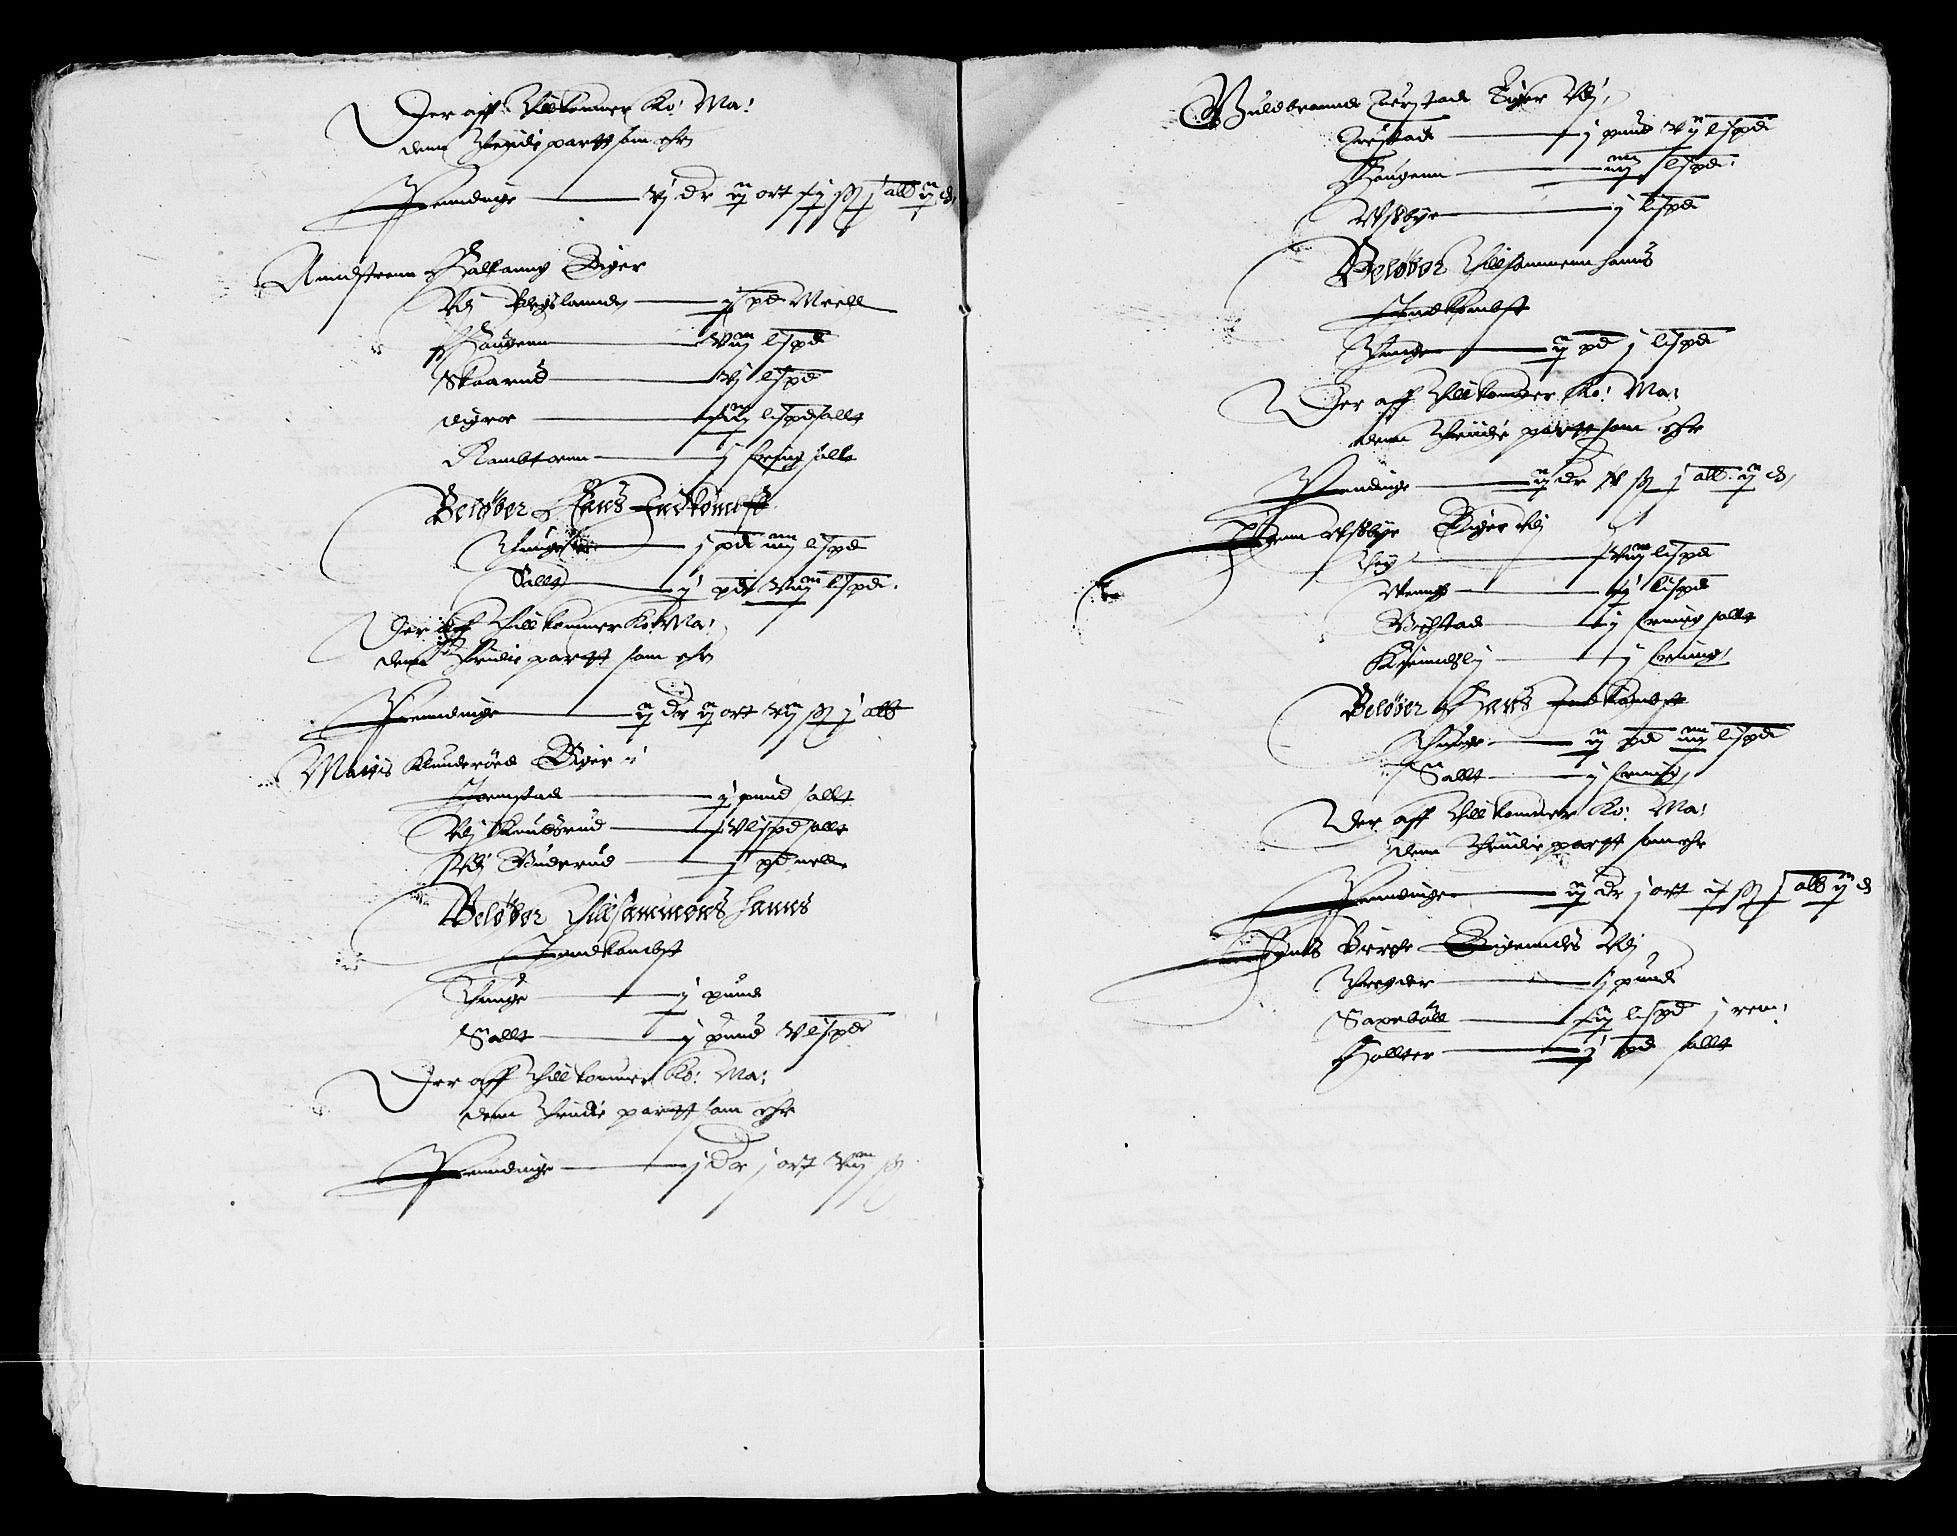 RA, Rentekammeret inntil 1814, Reviderte regnskaper, Lensregnskaper, R/Rb/Rba/L0070: Akershus len, 1624